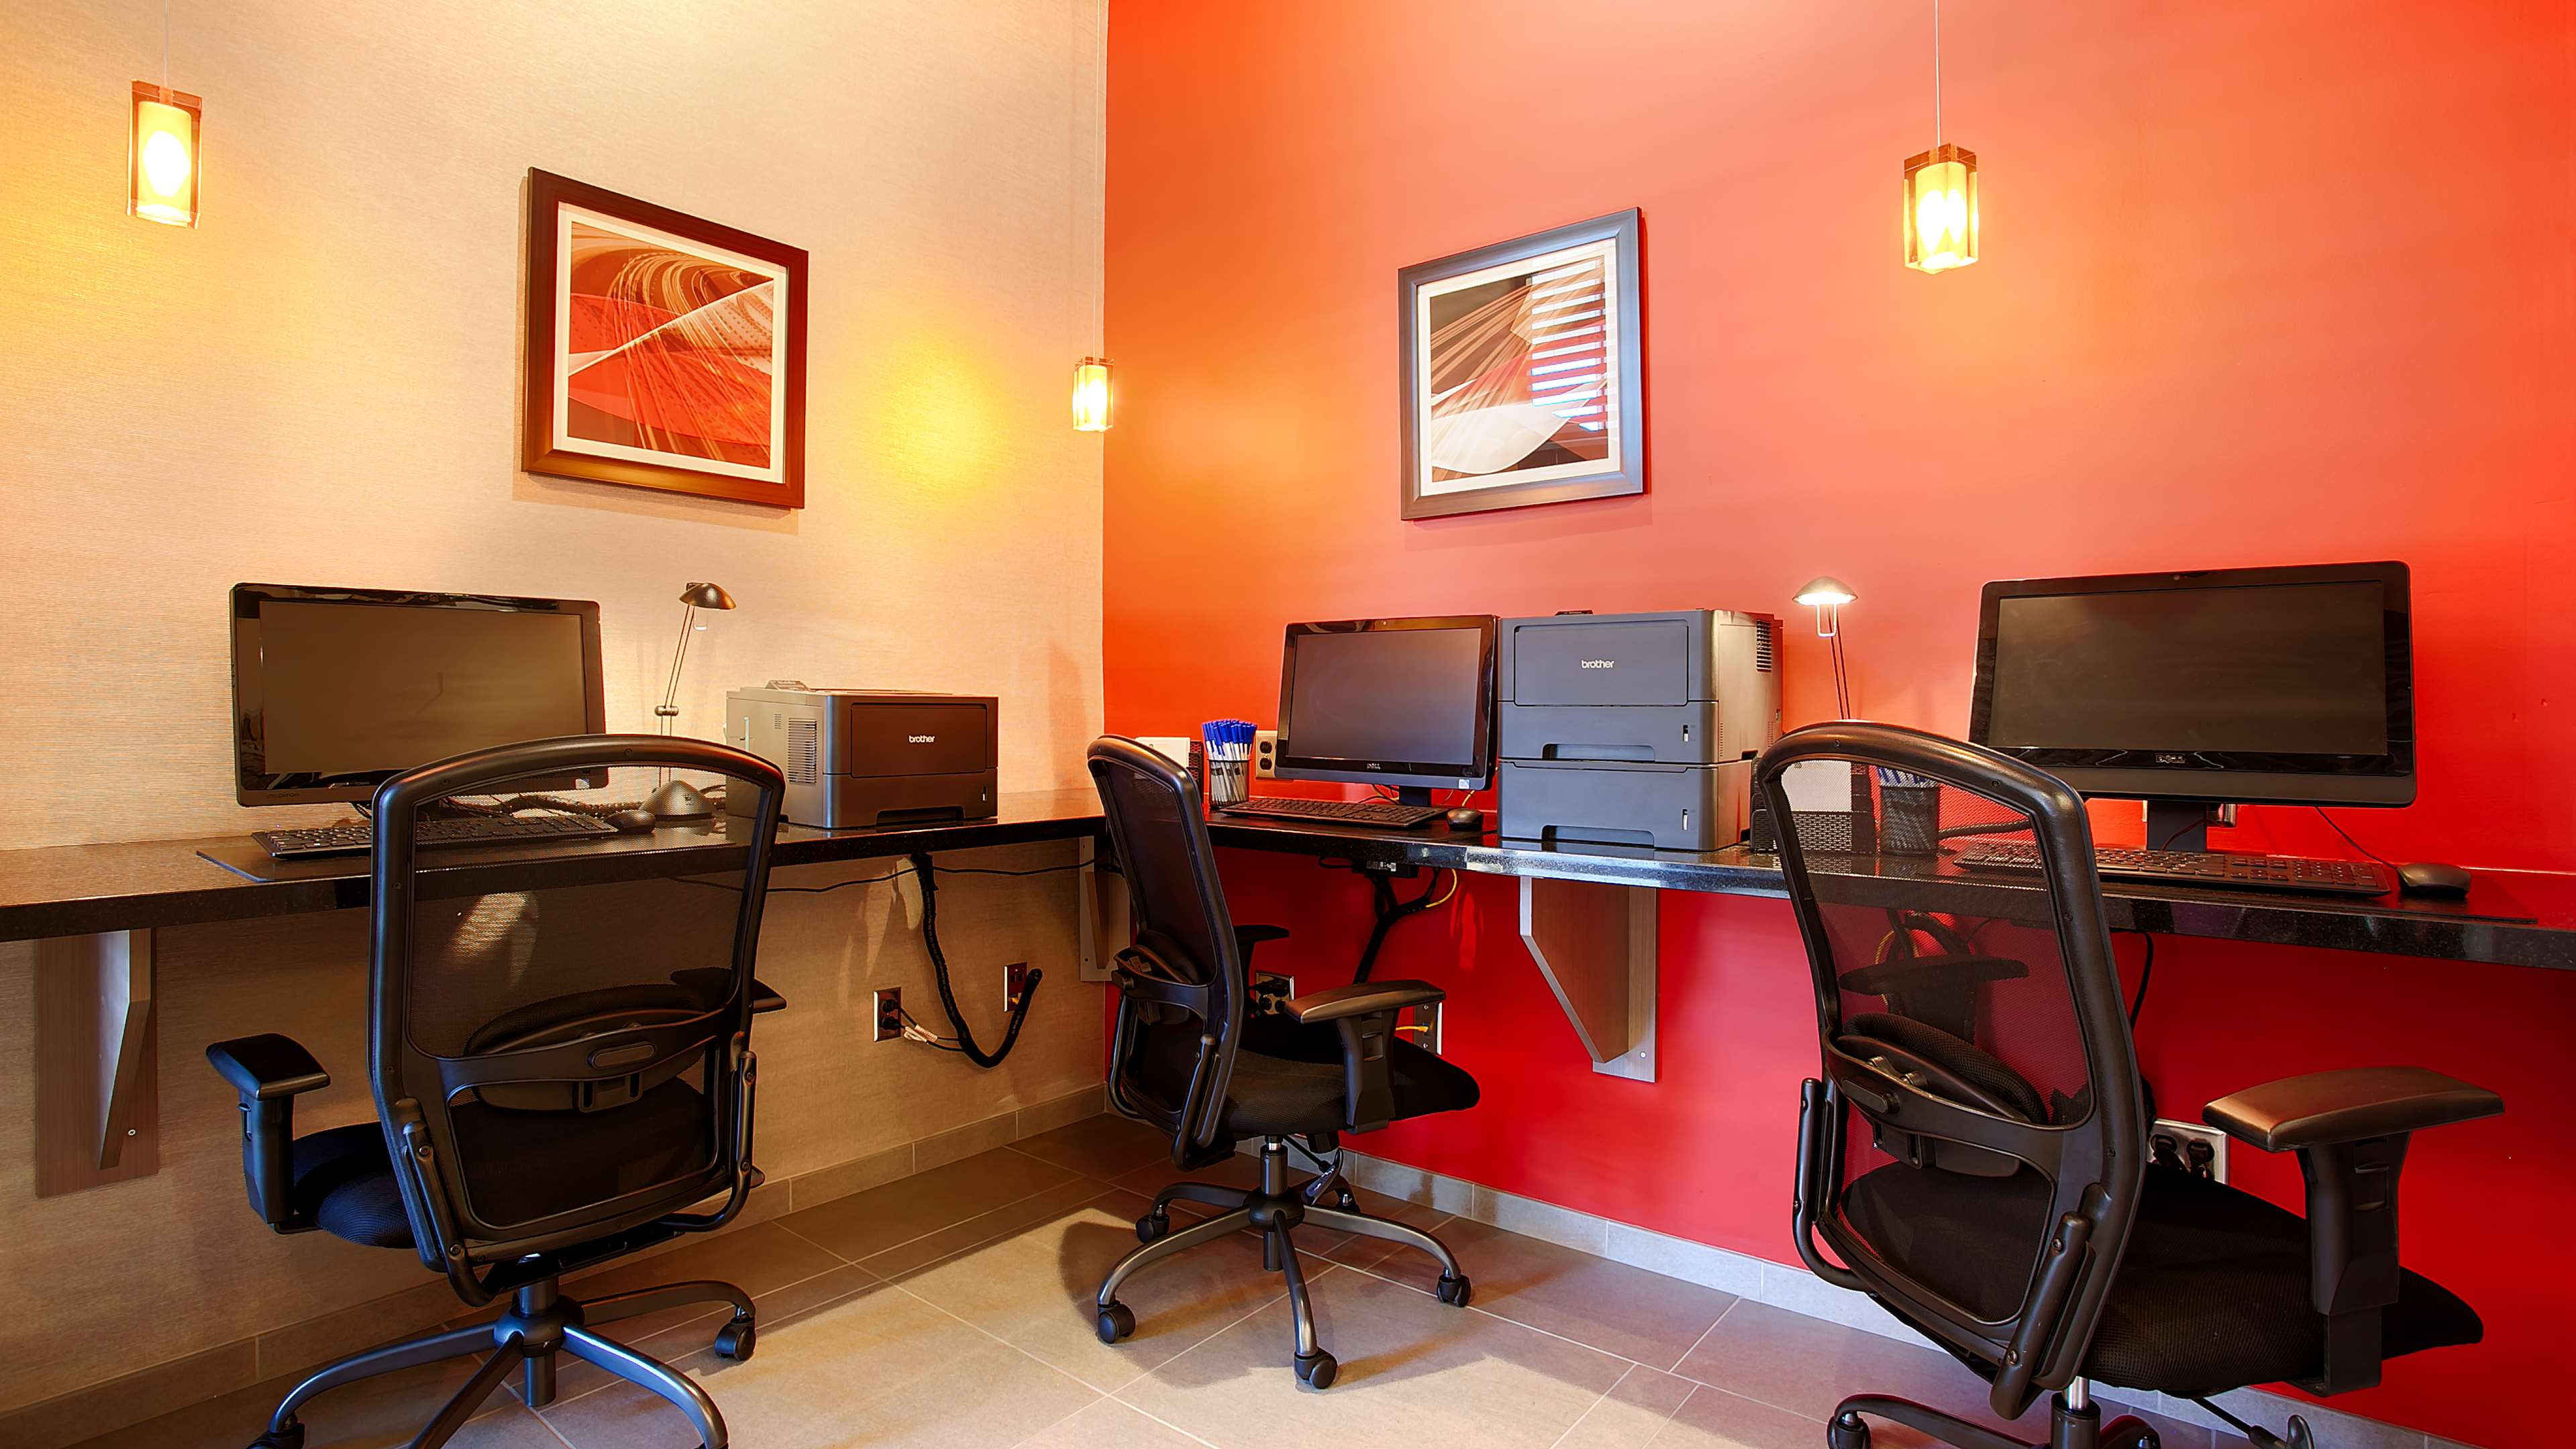 Best Western Plus Park Place Inn - Mini Suites image 5